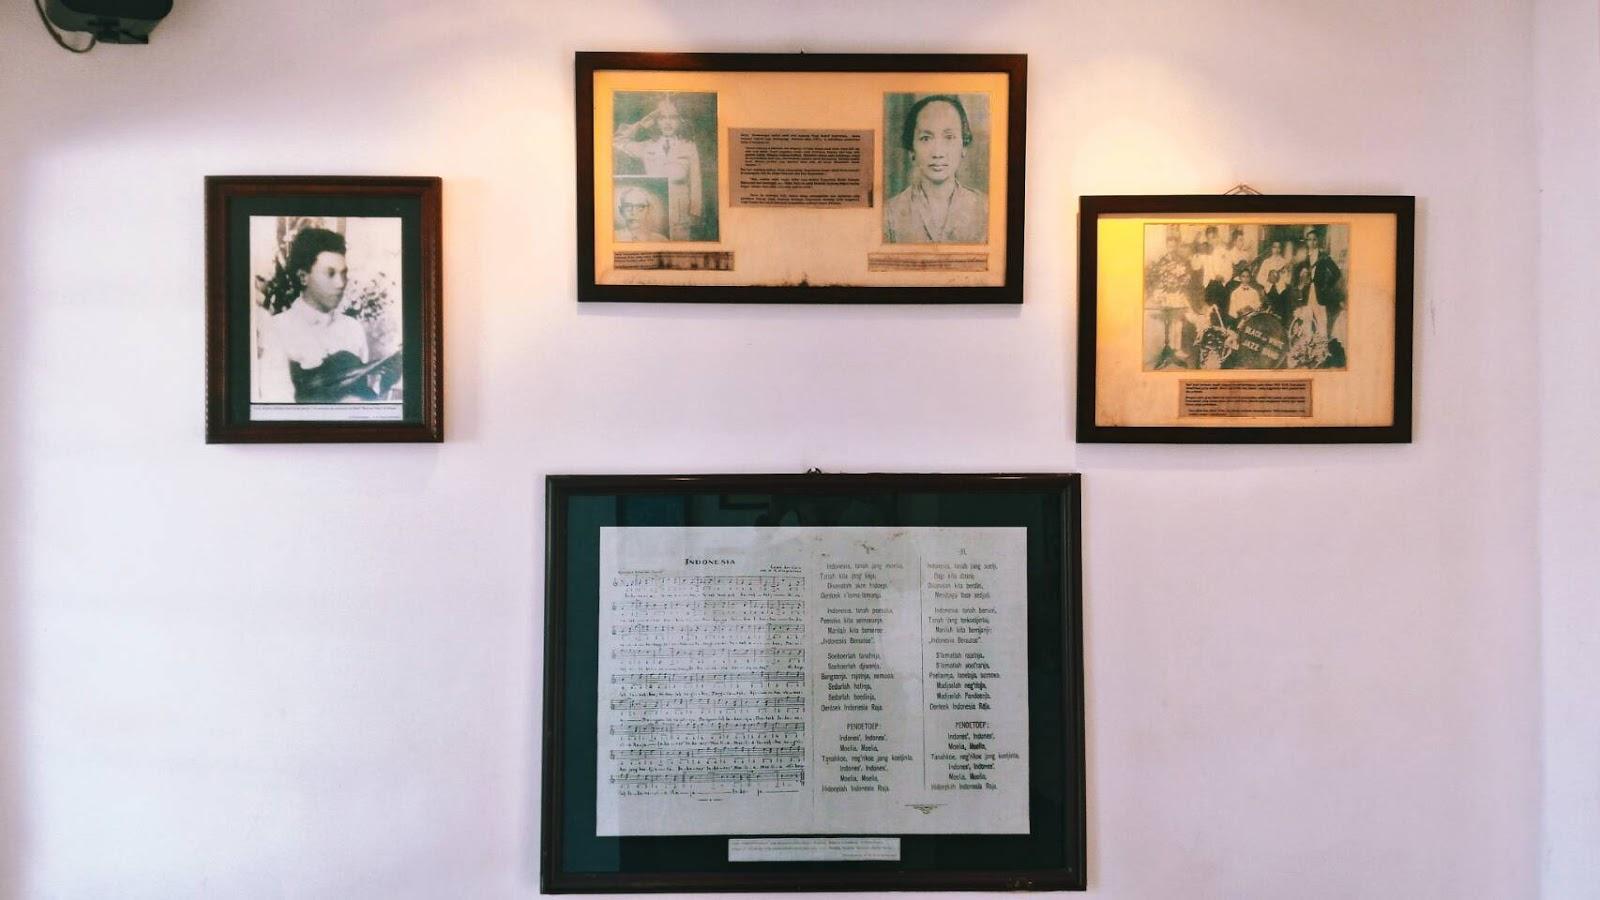 Iqbal Fauzan Museum Supratman Saksi Perjuangan Pemuda Penjaga Tersebut Memberitahu